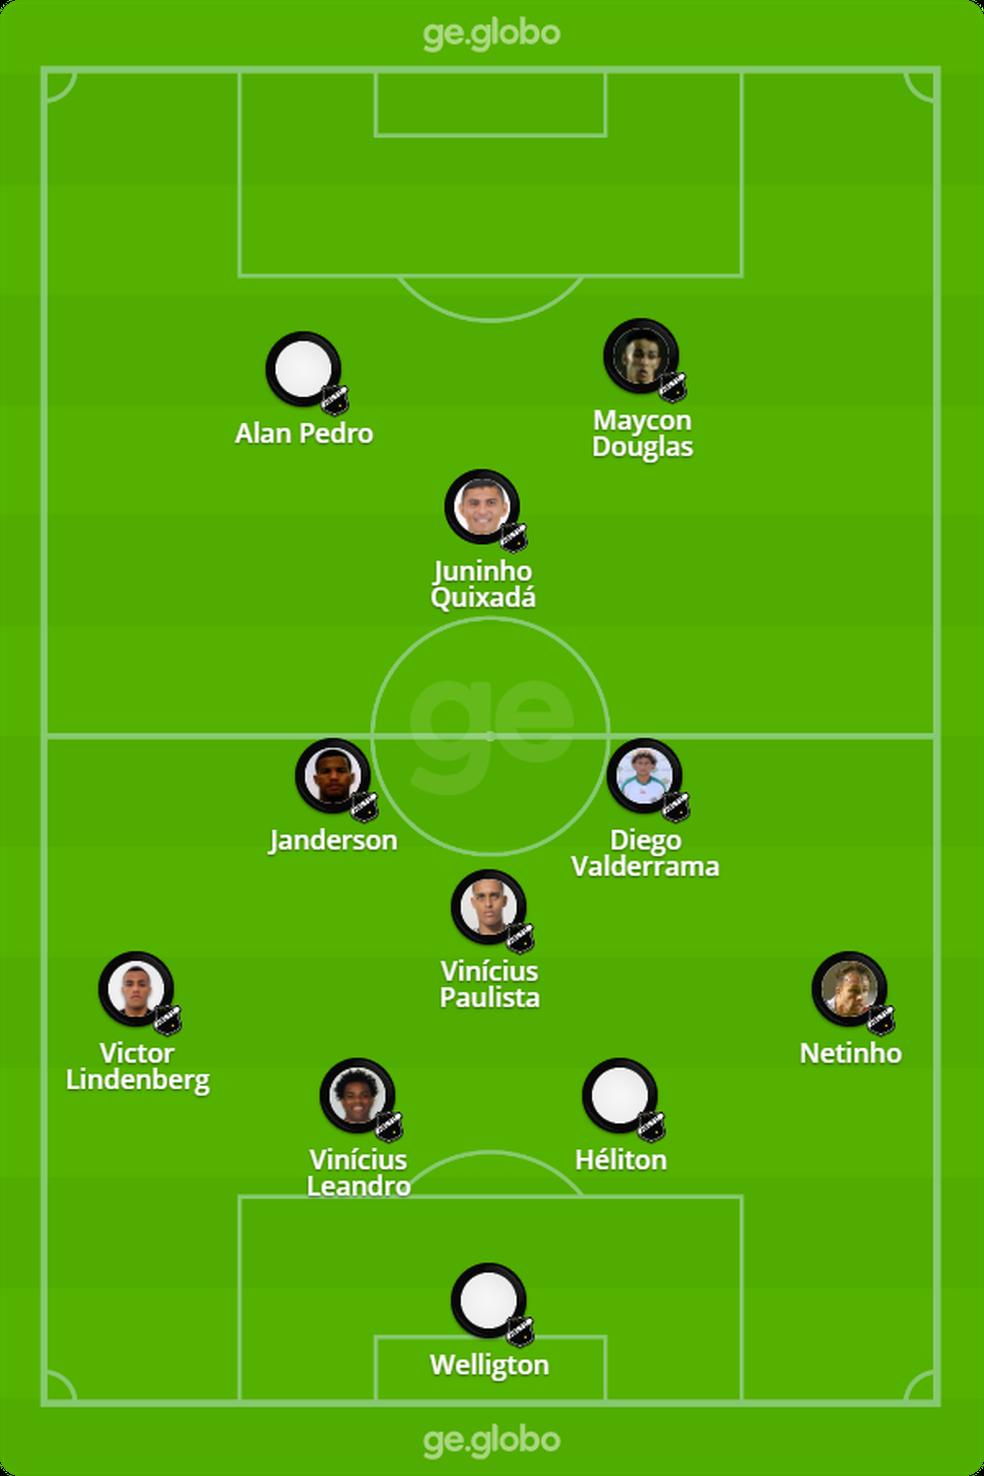 Provável escalação do ABC contra o Botafogo — Foto: ge